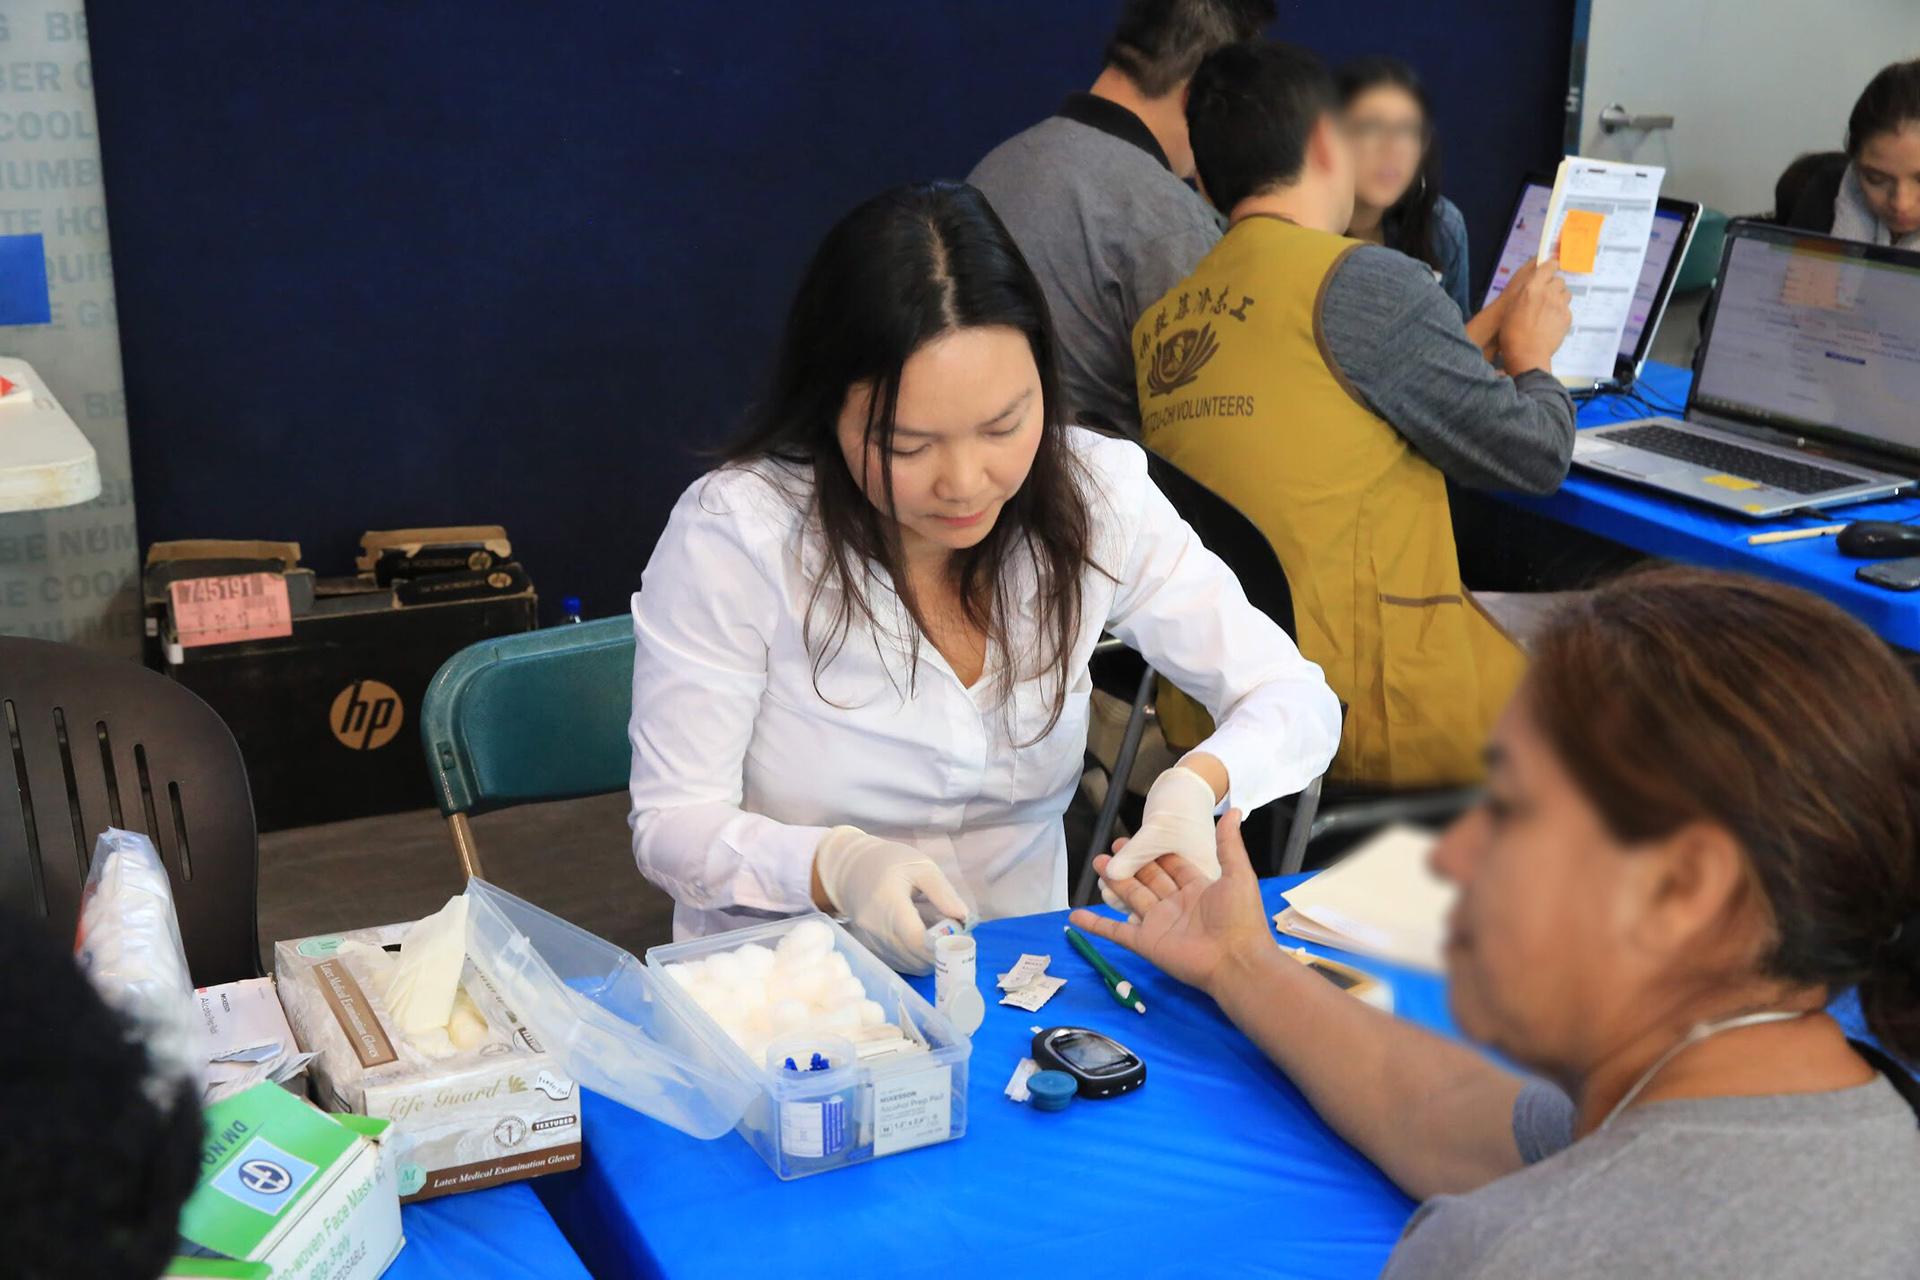 慈濟人醫會為民眾進行血糖檢測以追蹤健康。